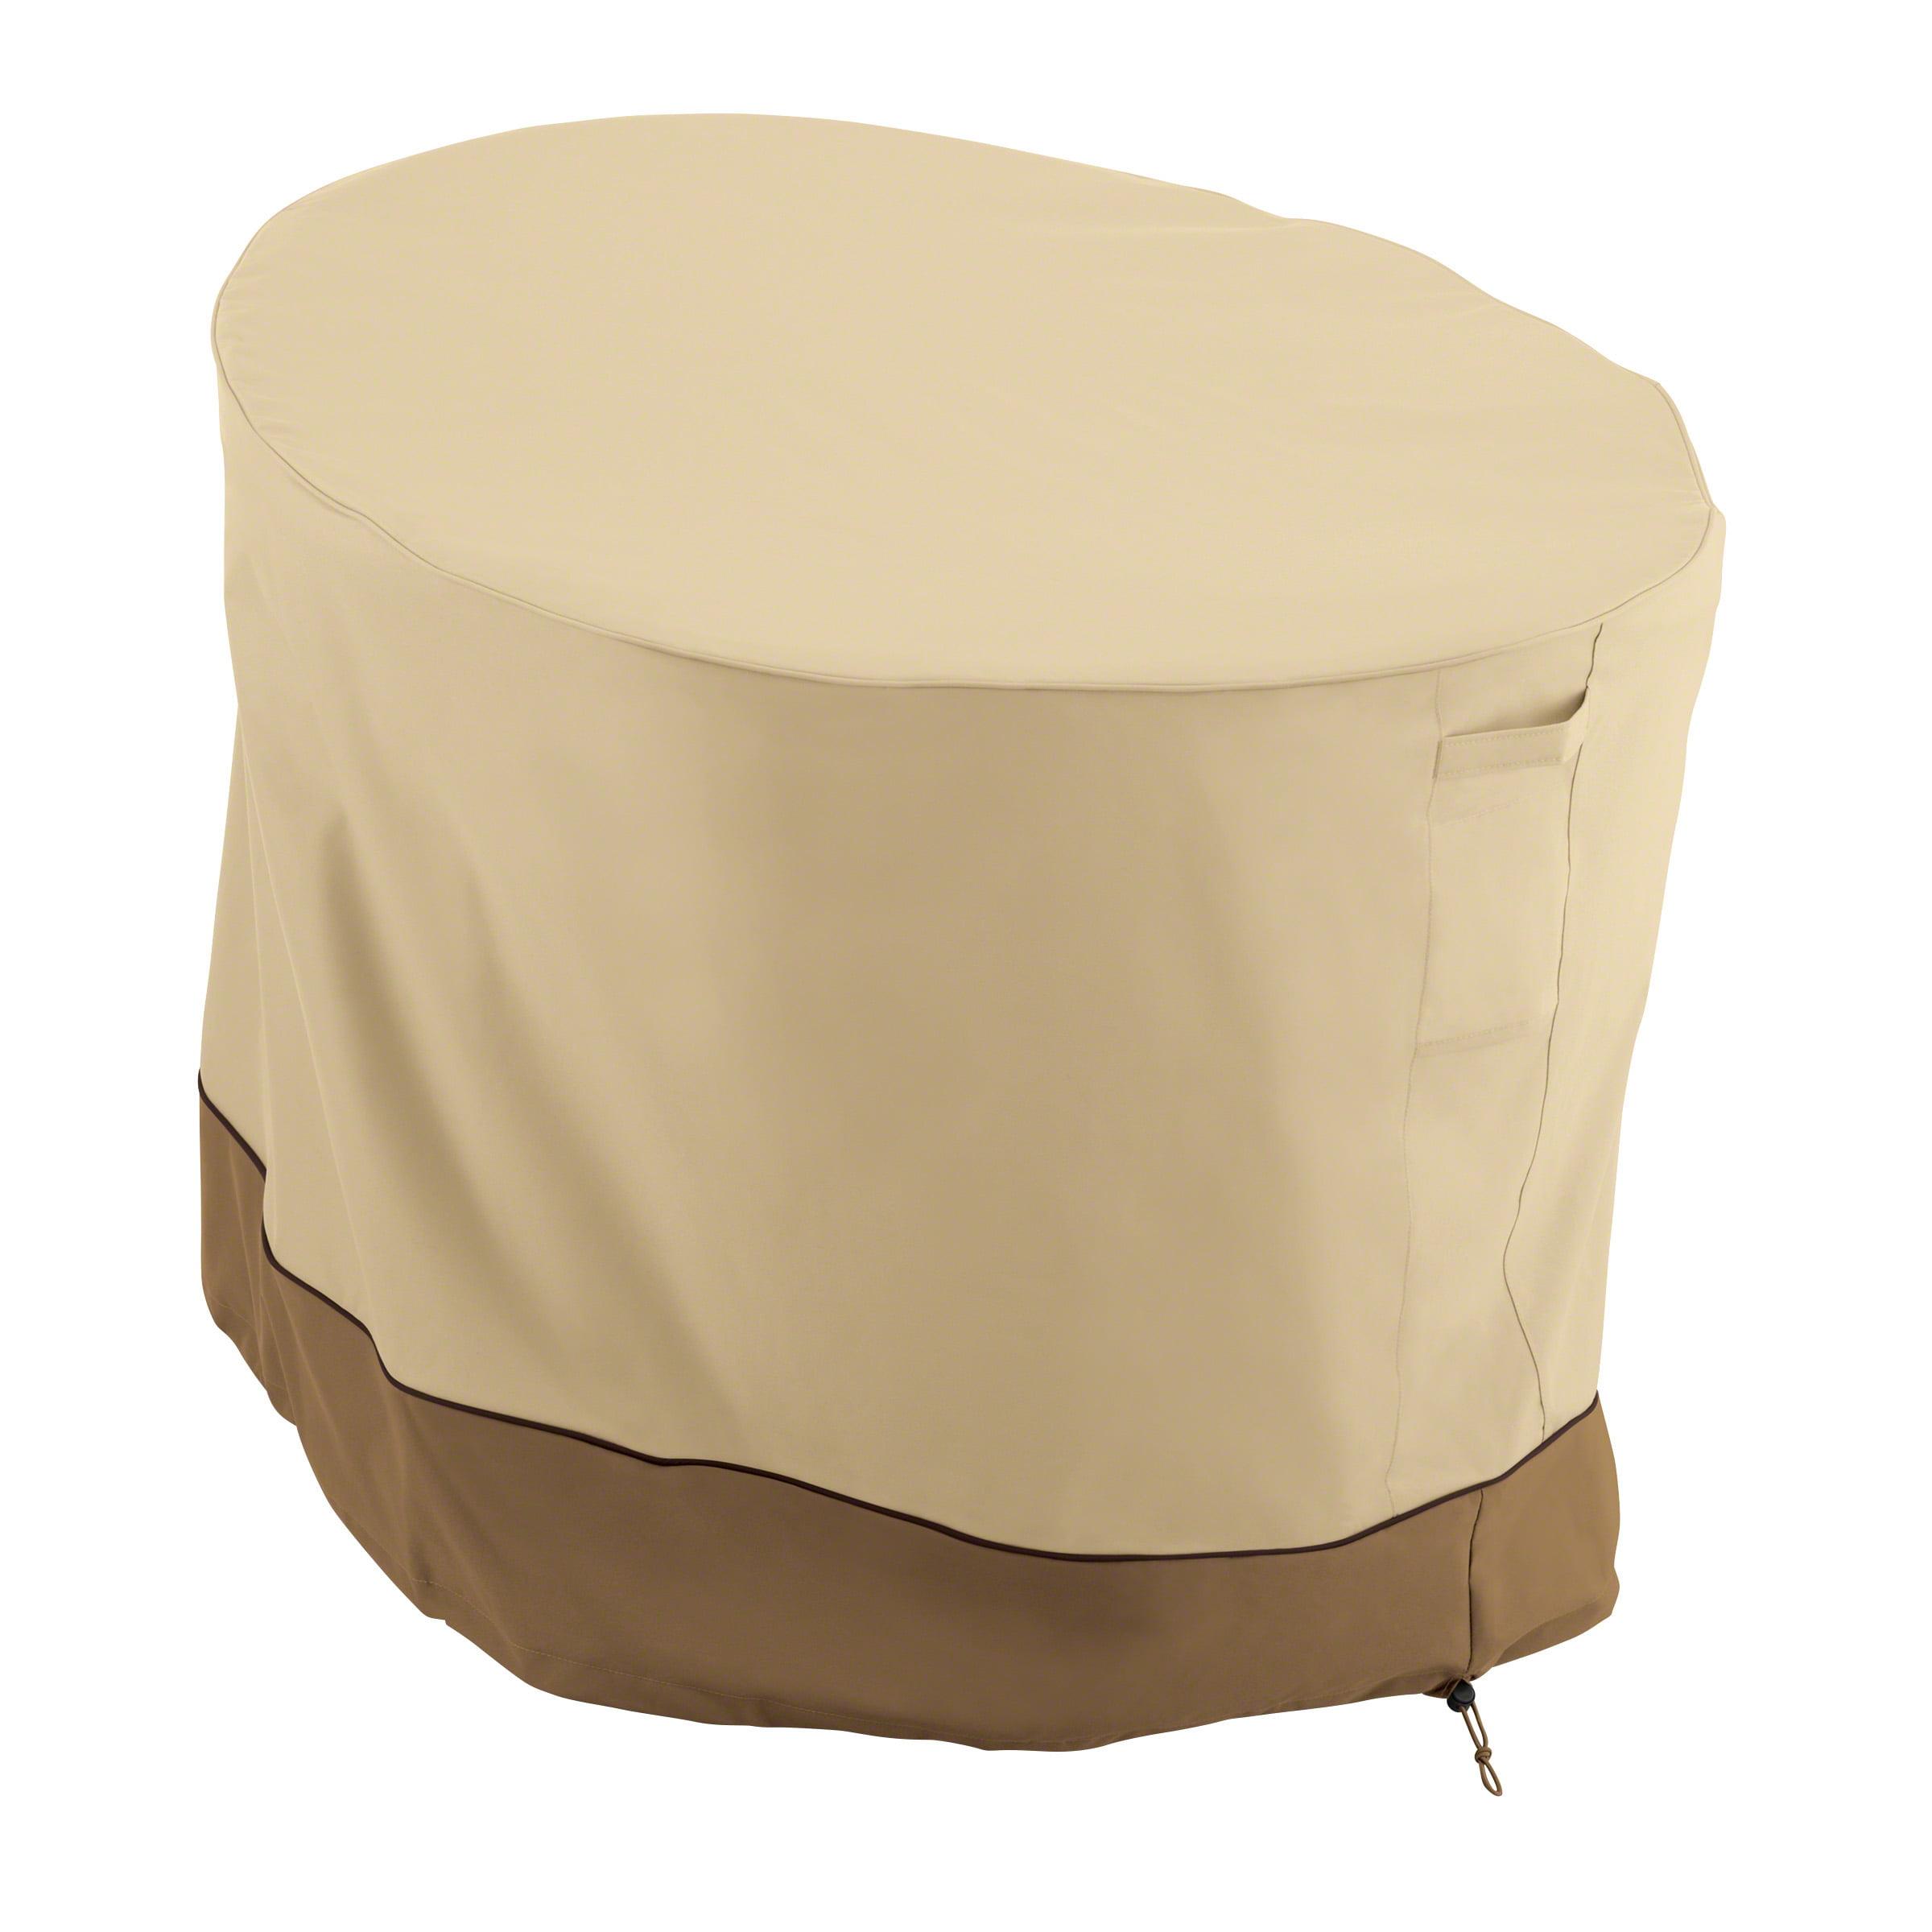 Walmart Patio Chair Covers: Classic Accessories Veranda Papasan Patio Chair Cover